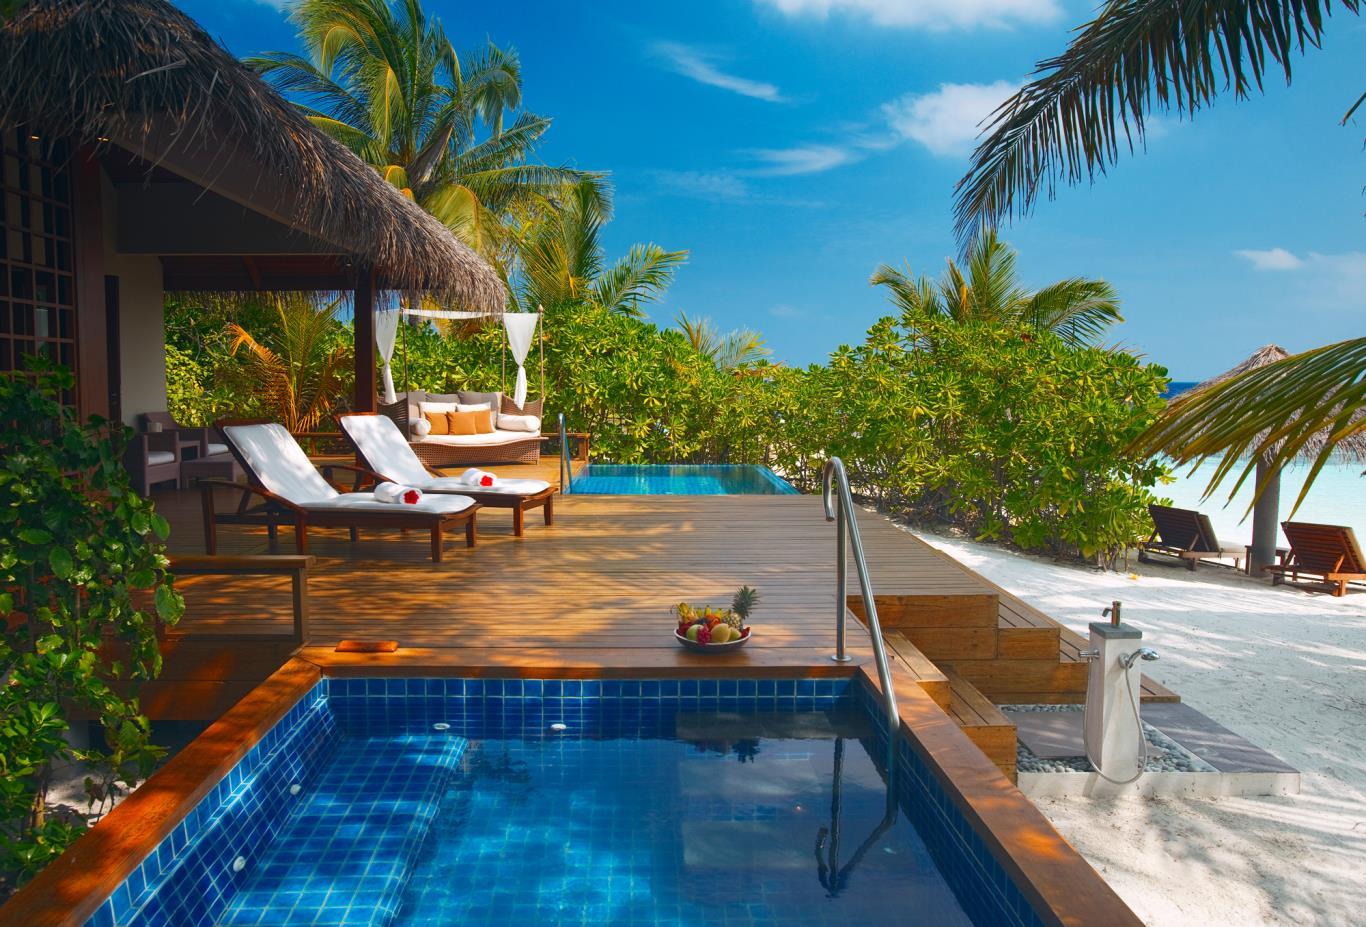 Baros Premium Pool Villa Exterior